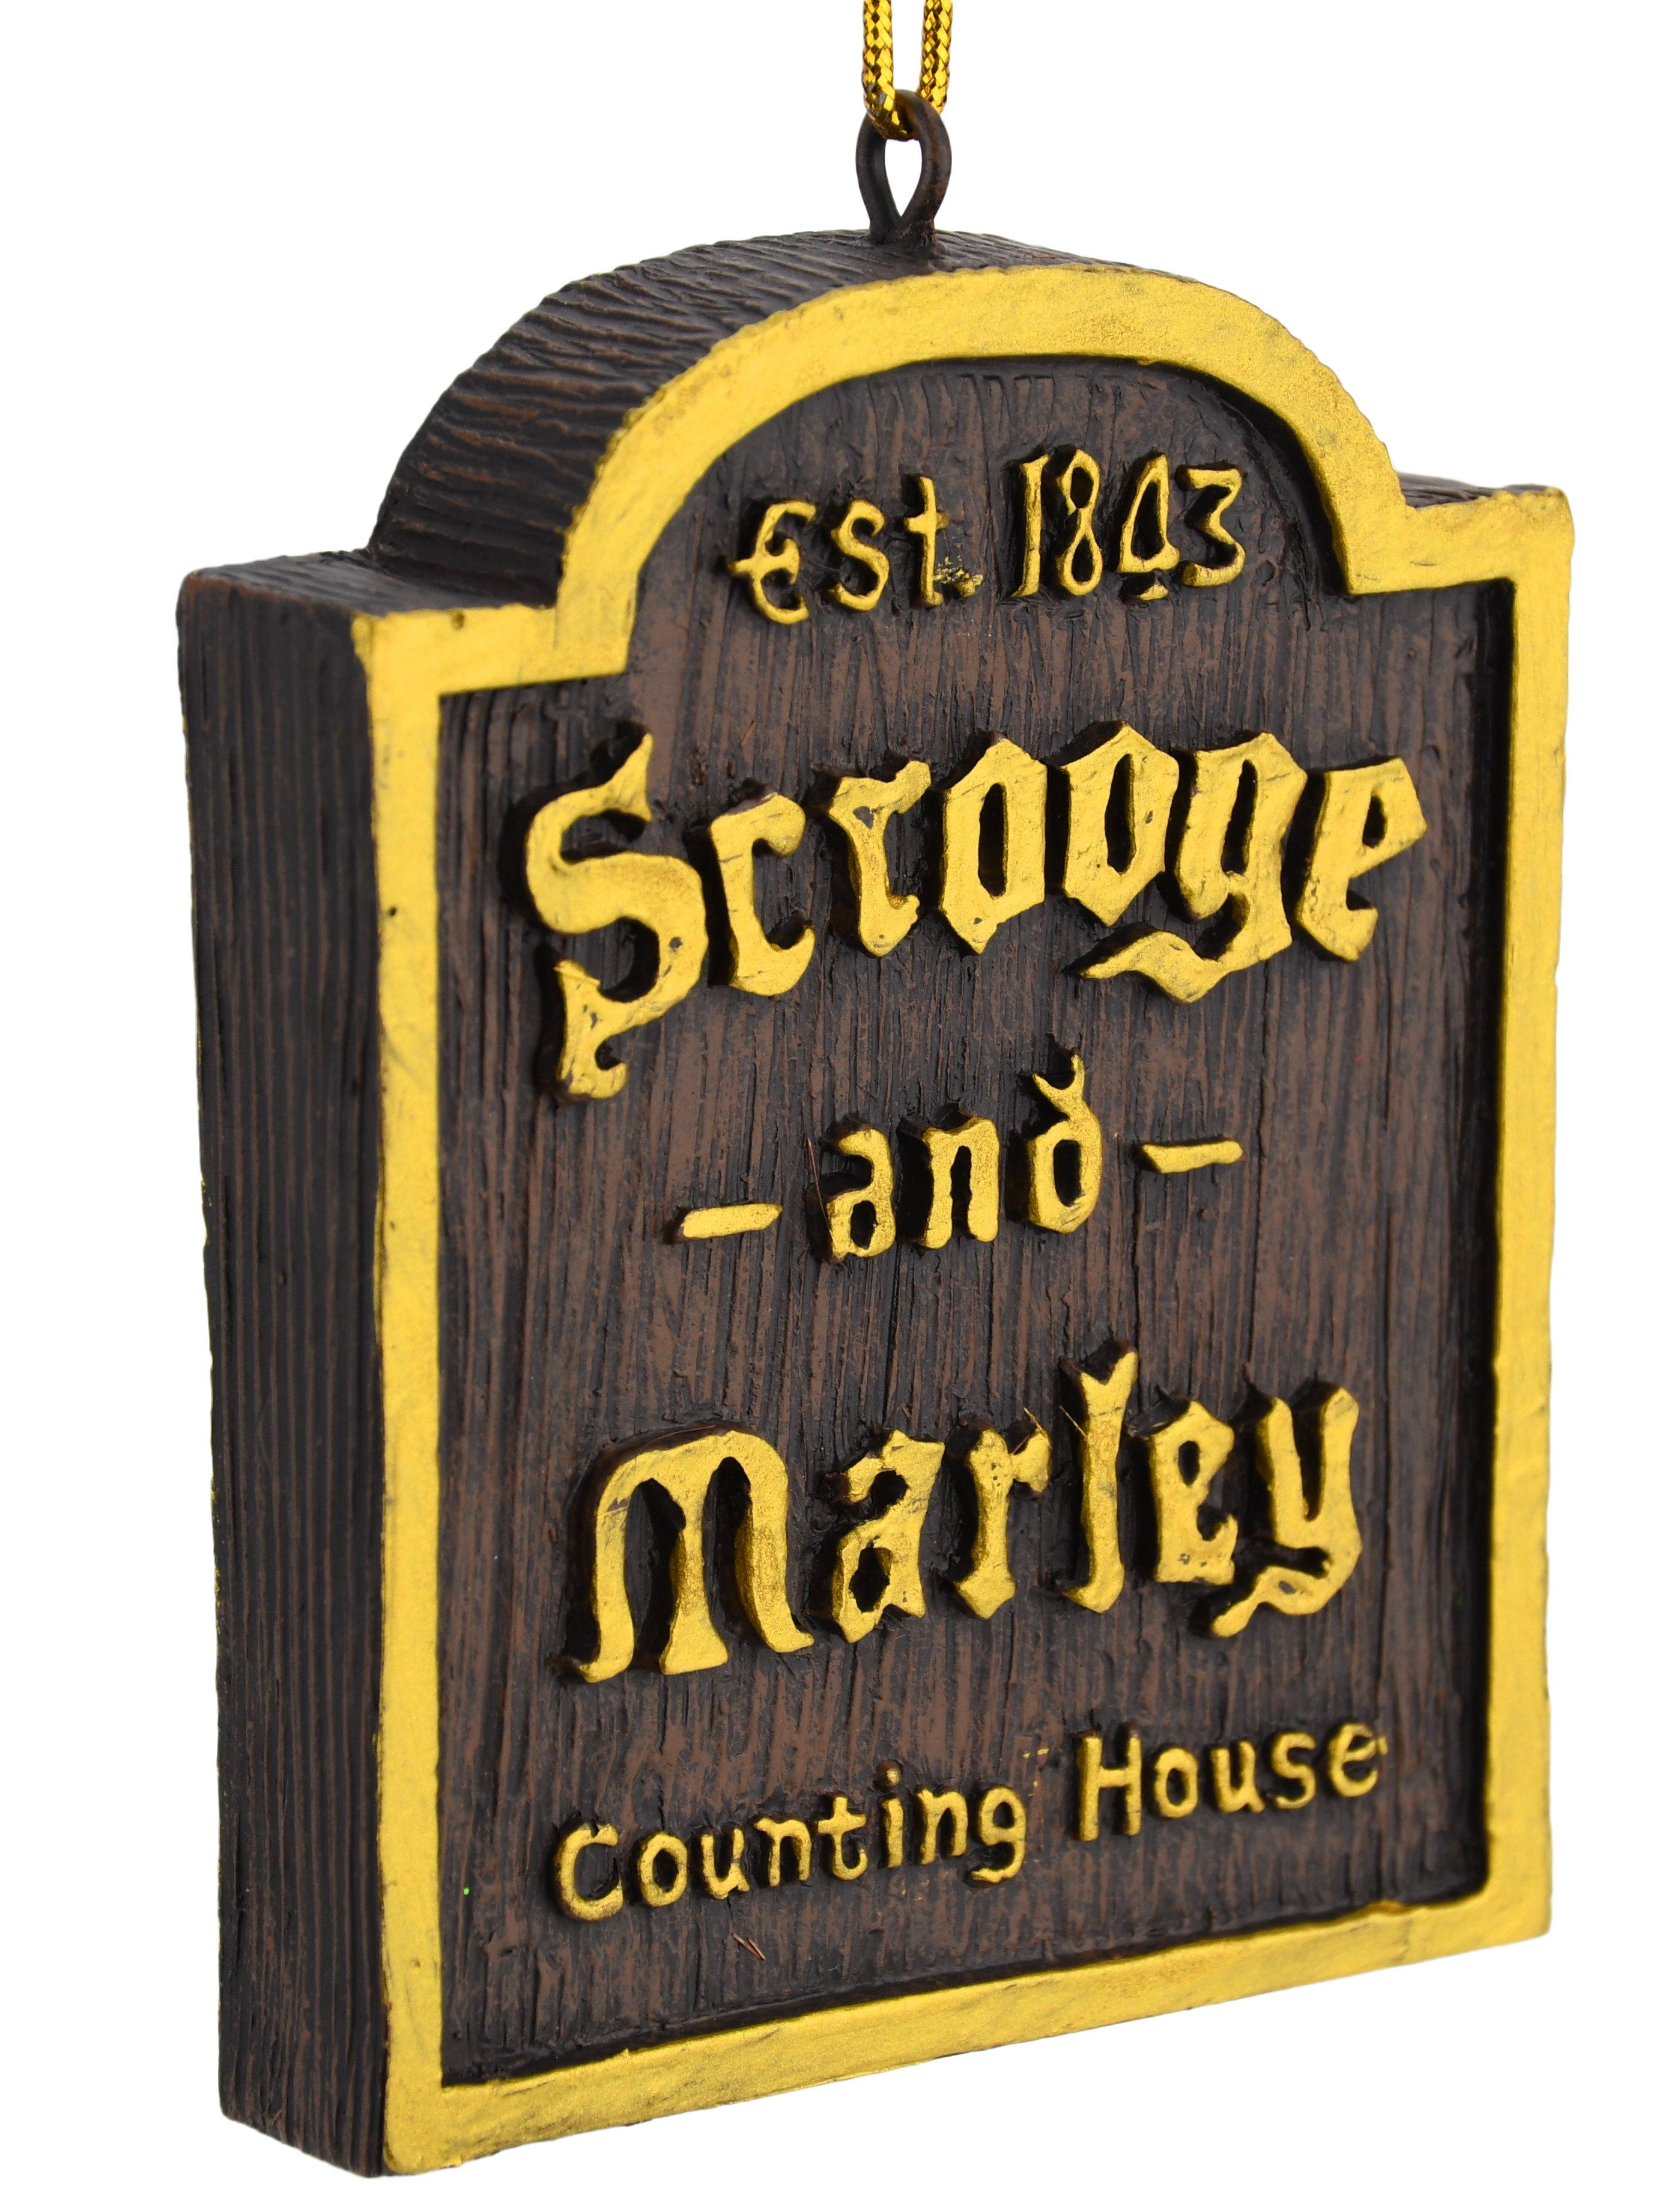 A Christmas Carol Scrooge And Marley.A Christmas Carol Scrooge Marley Counting House Sign Ornament Tree Buddees